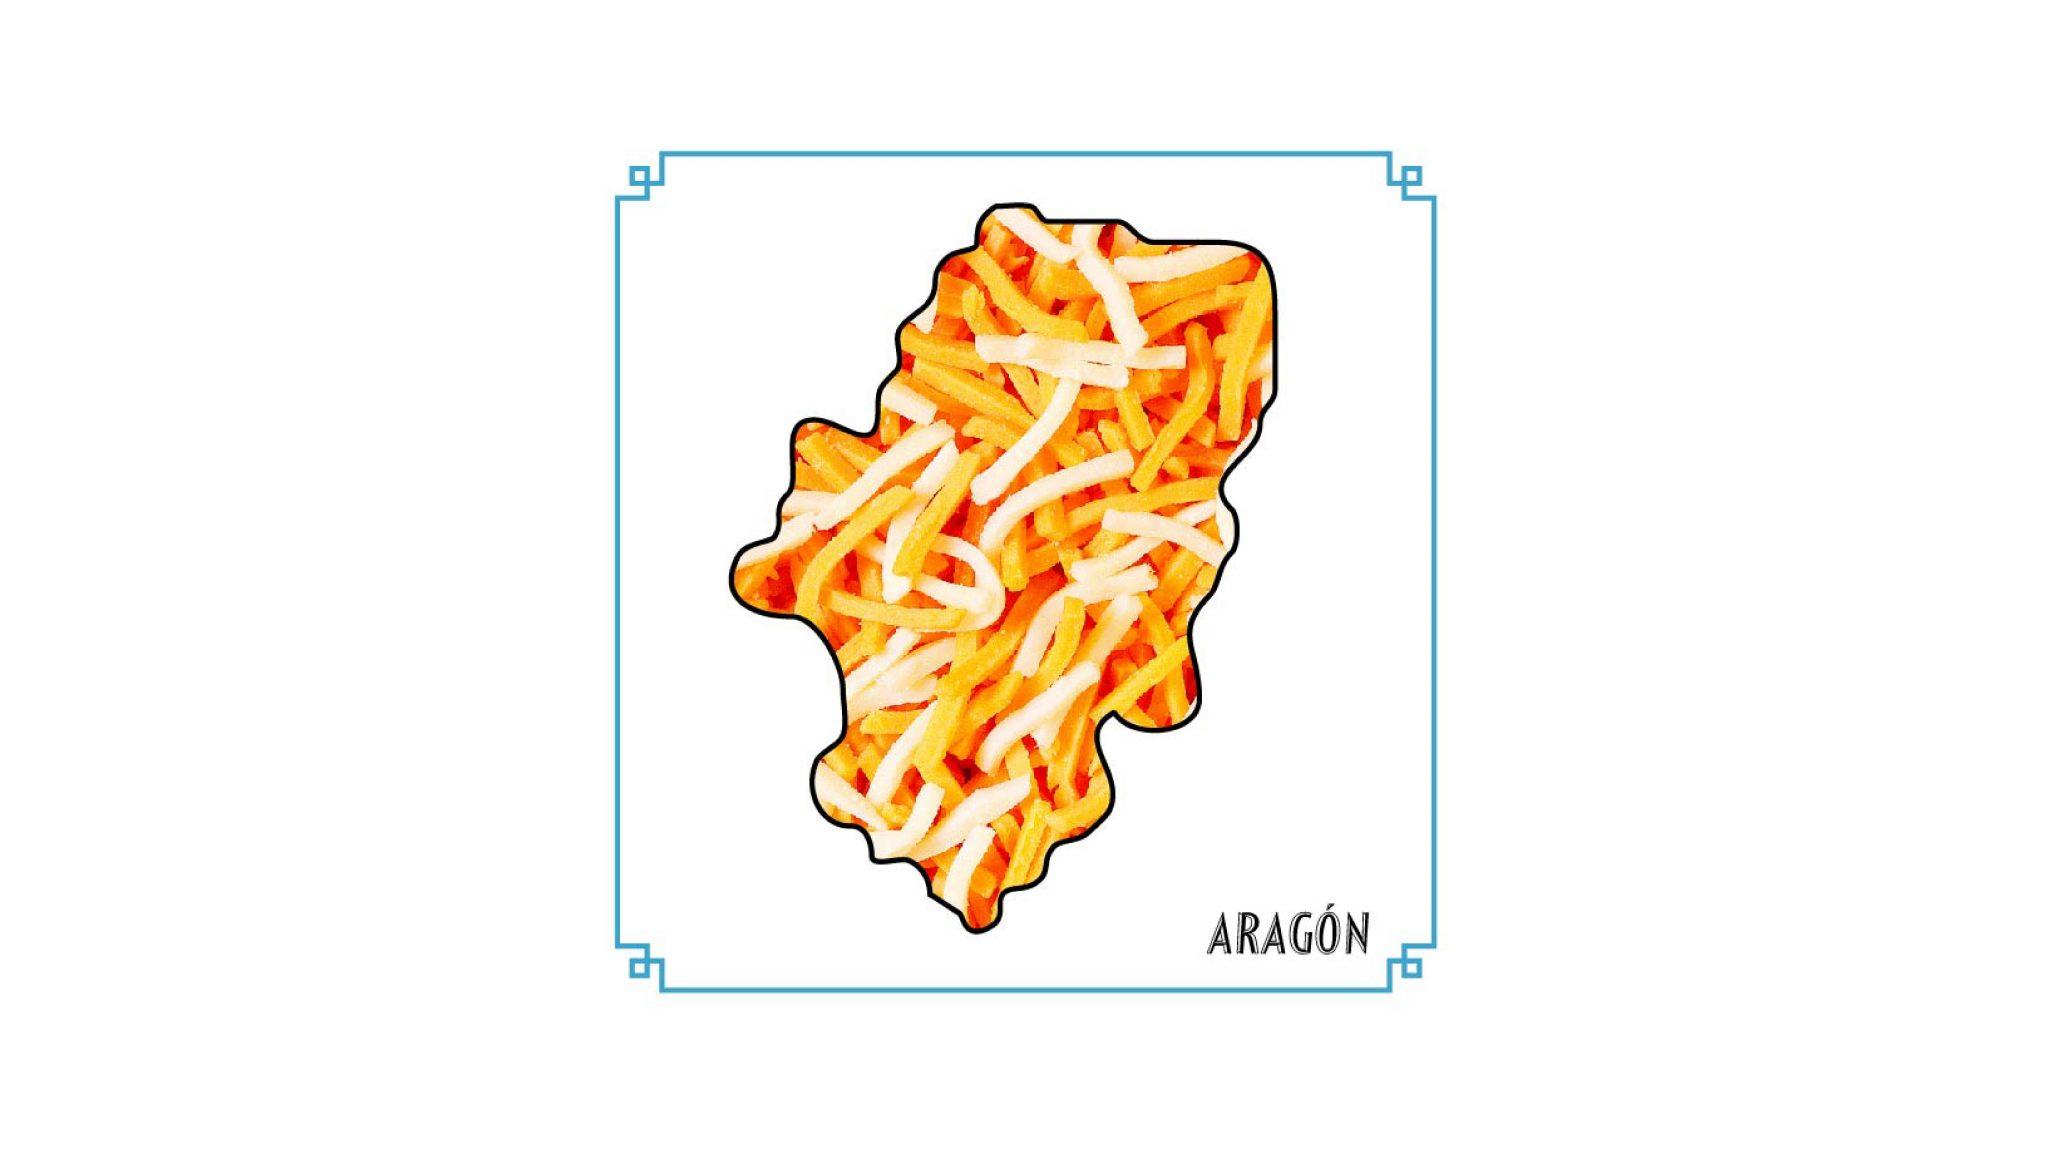 Los más ricos de Aragón | Lista Forbes